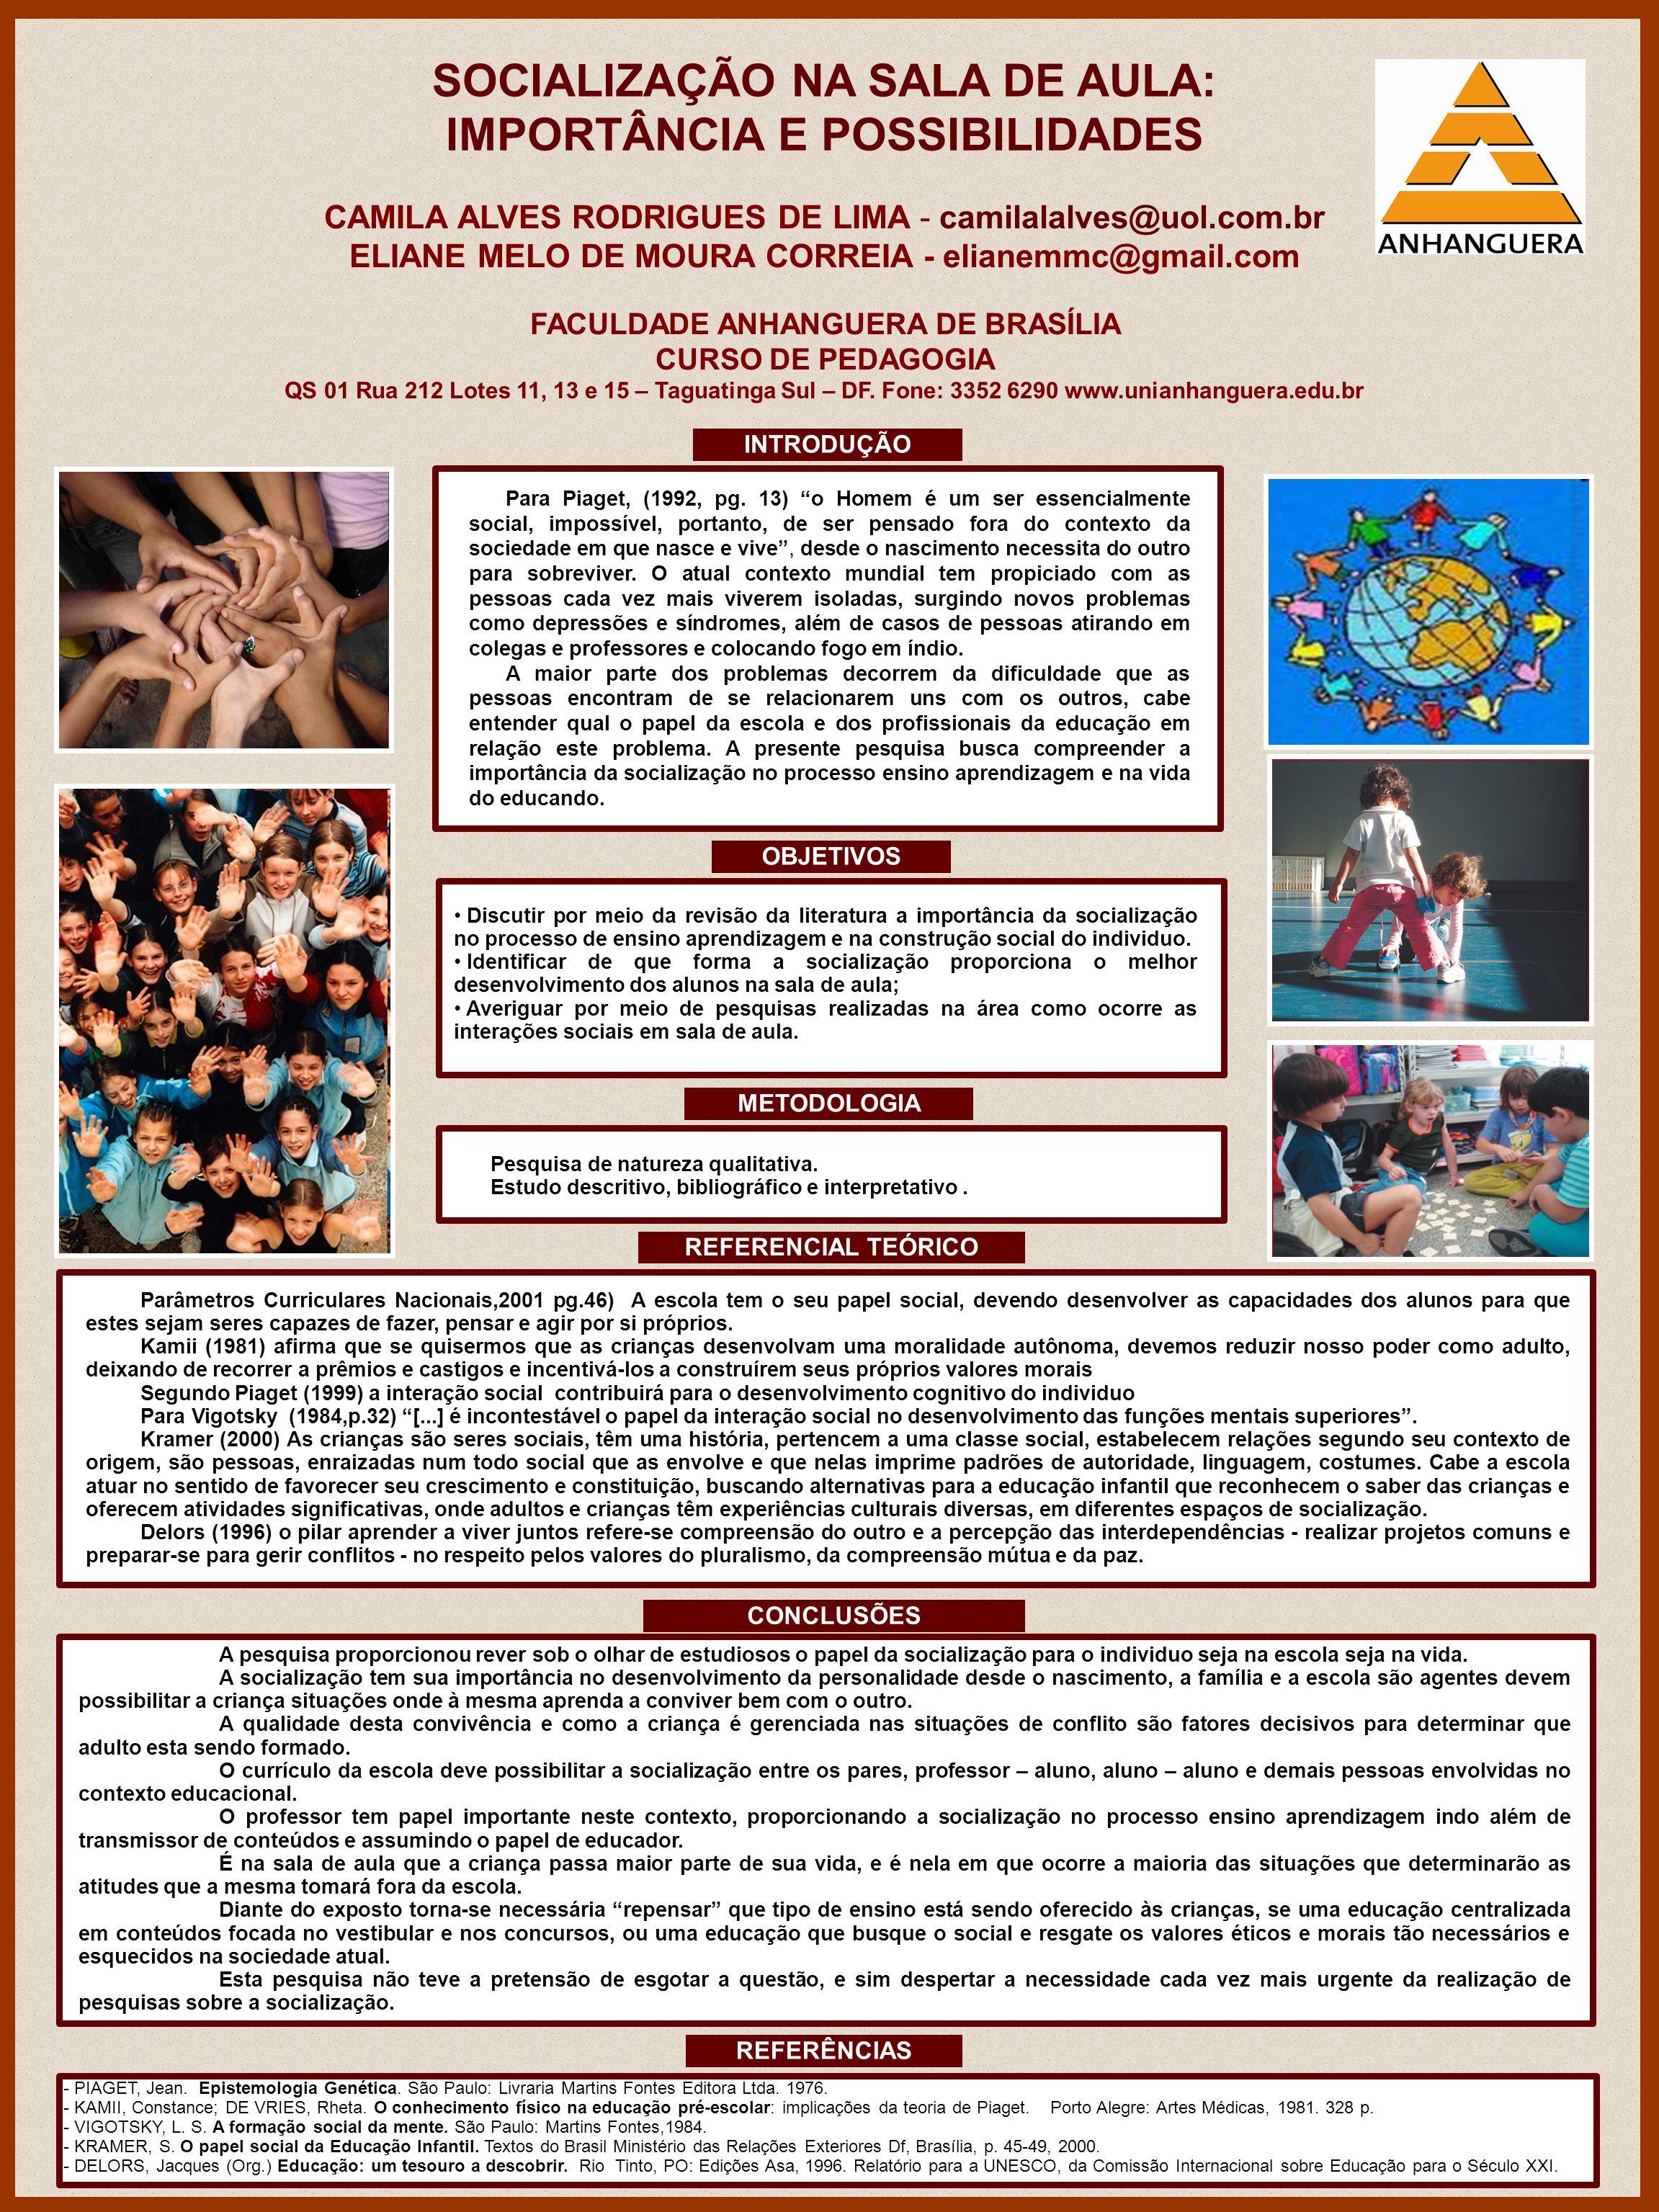 CAMILA ALVES RODRIGUES DE LIMA - camilalalves@uol.com.br ELIANE MELO DE MOURA CORREIA - elianemmc@gmail.com FACULDADE ANHANGUERA DE BRASÍLIA CURSO DE